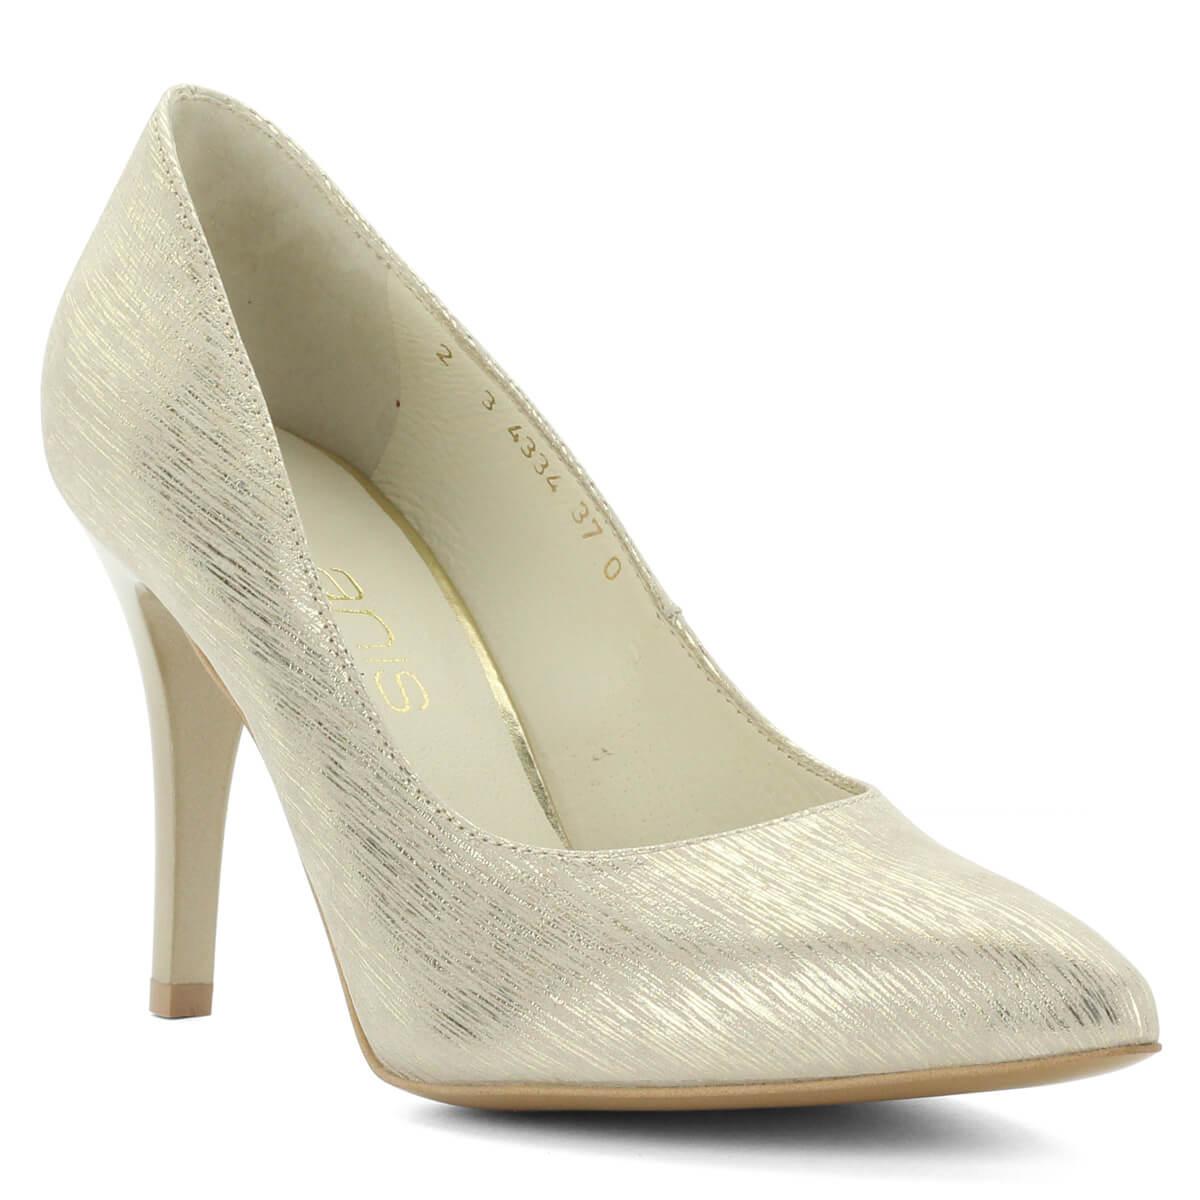 ... Hegyes orrú Anis cipő arany színben. Extra felsőrésze a  legkülönlegesebb alkalmakon is megállja a helyét ... d97b152ea0